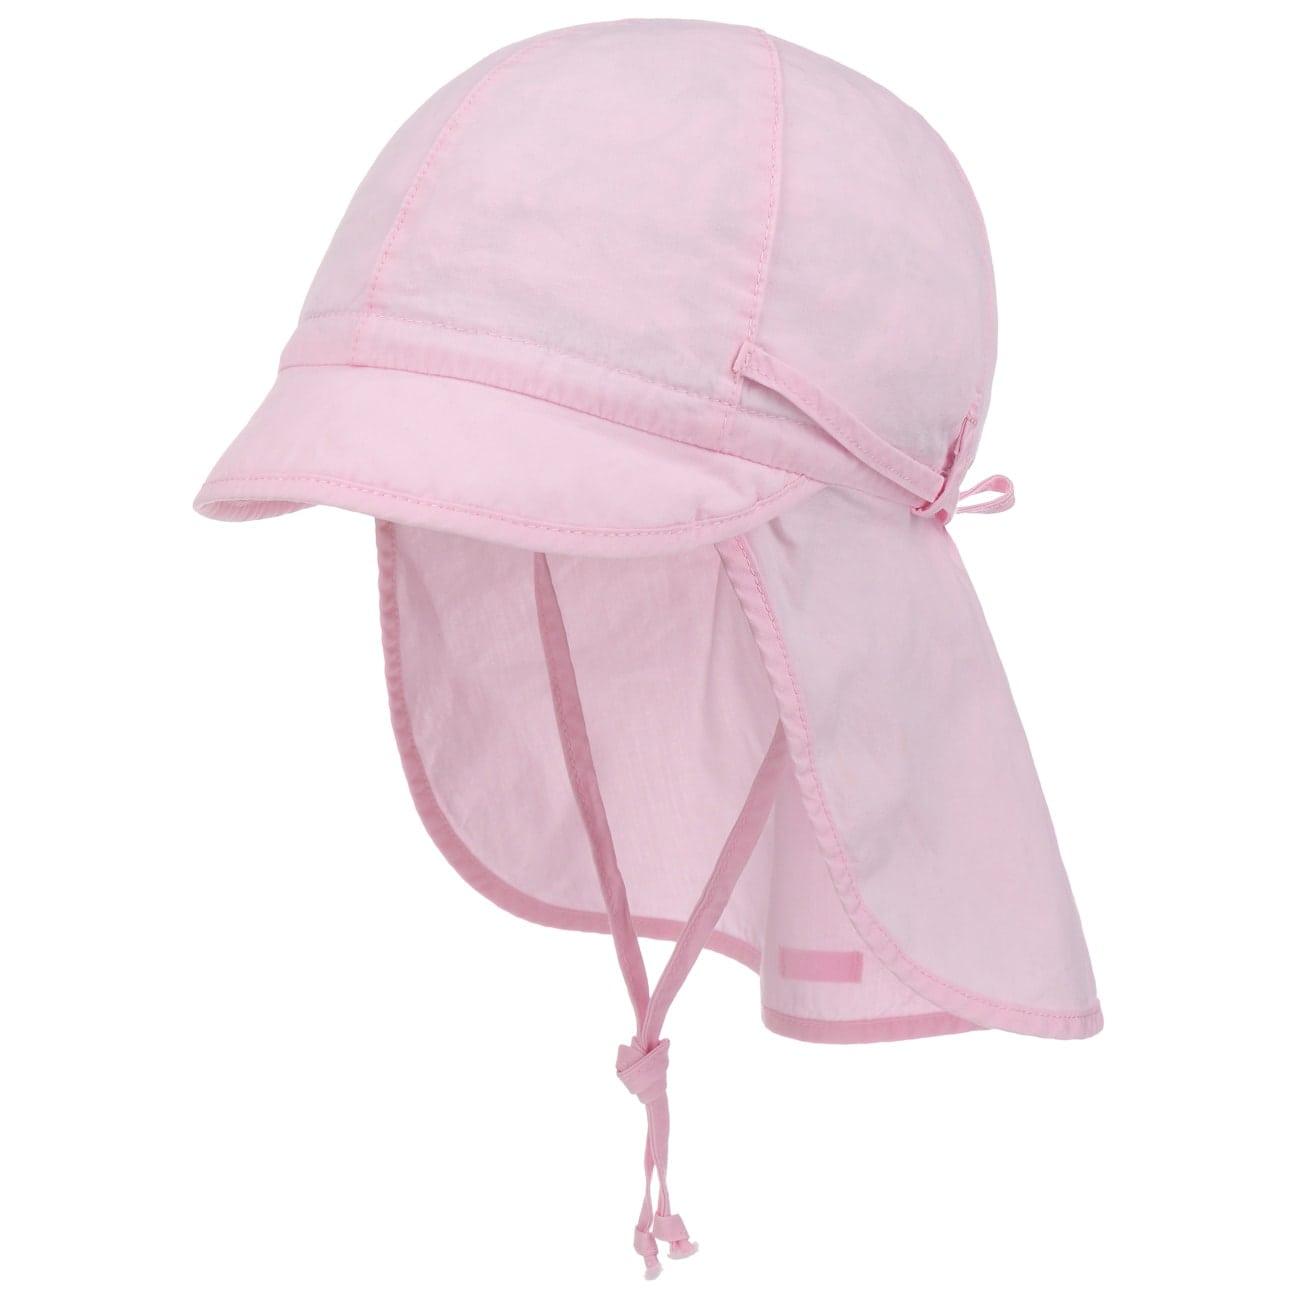 Bonnet pour Enfant Leja by maximo  casquette d`été